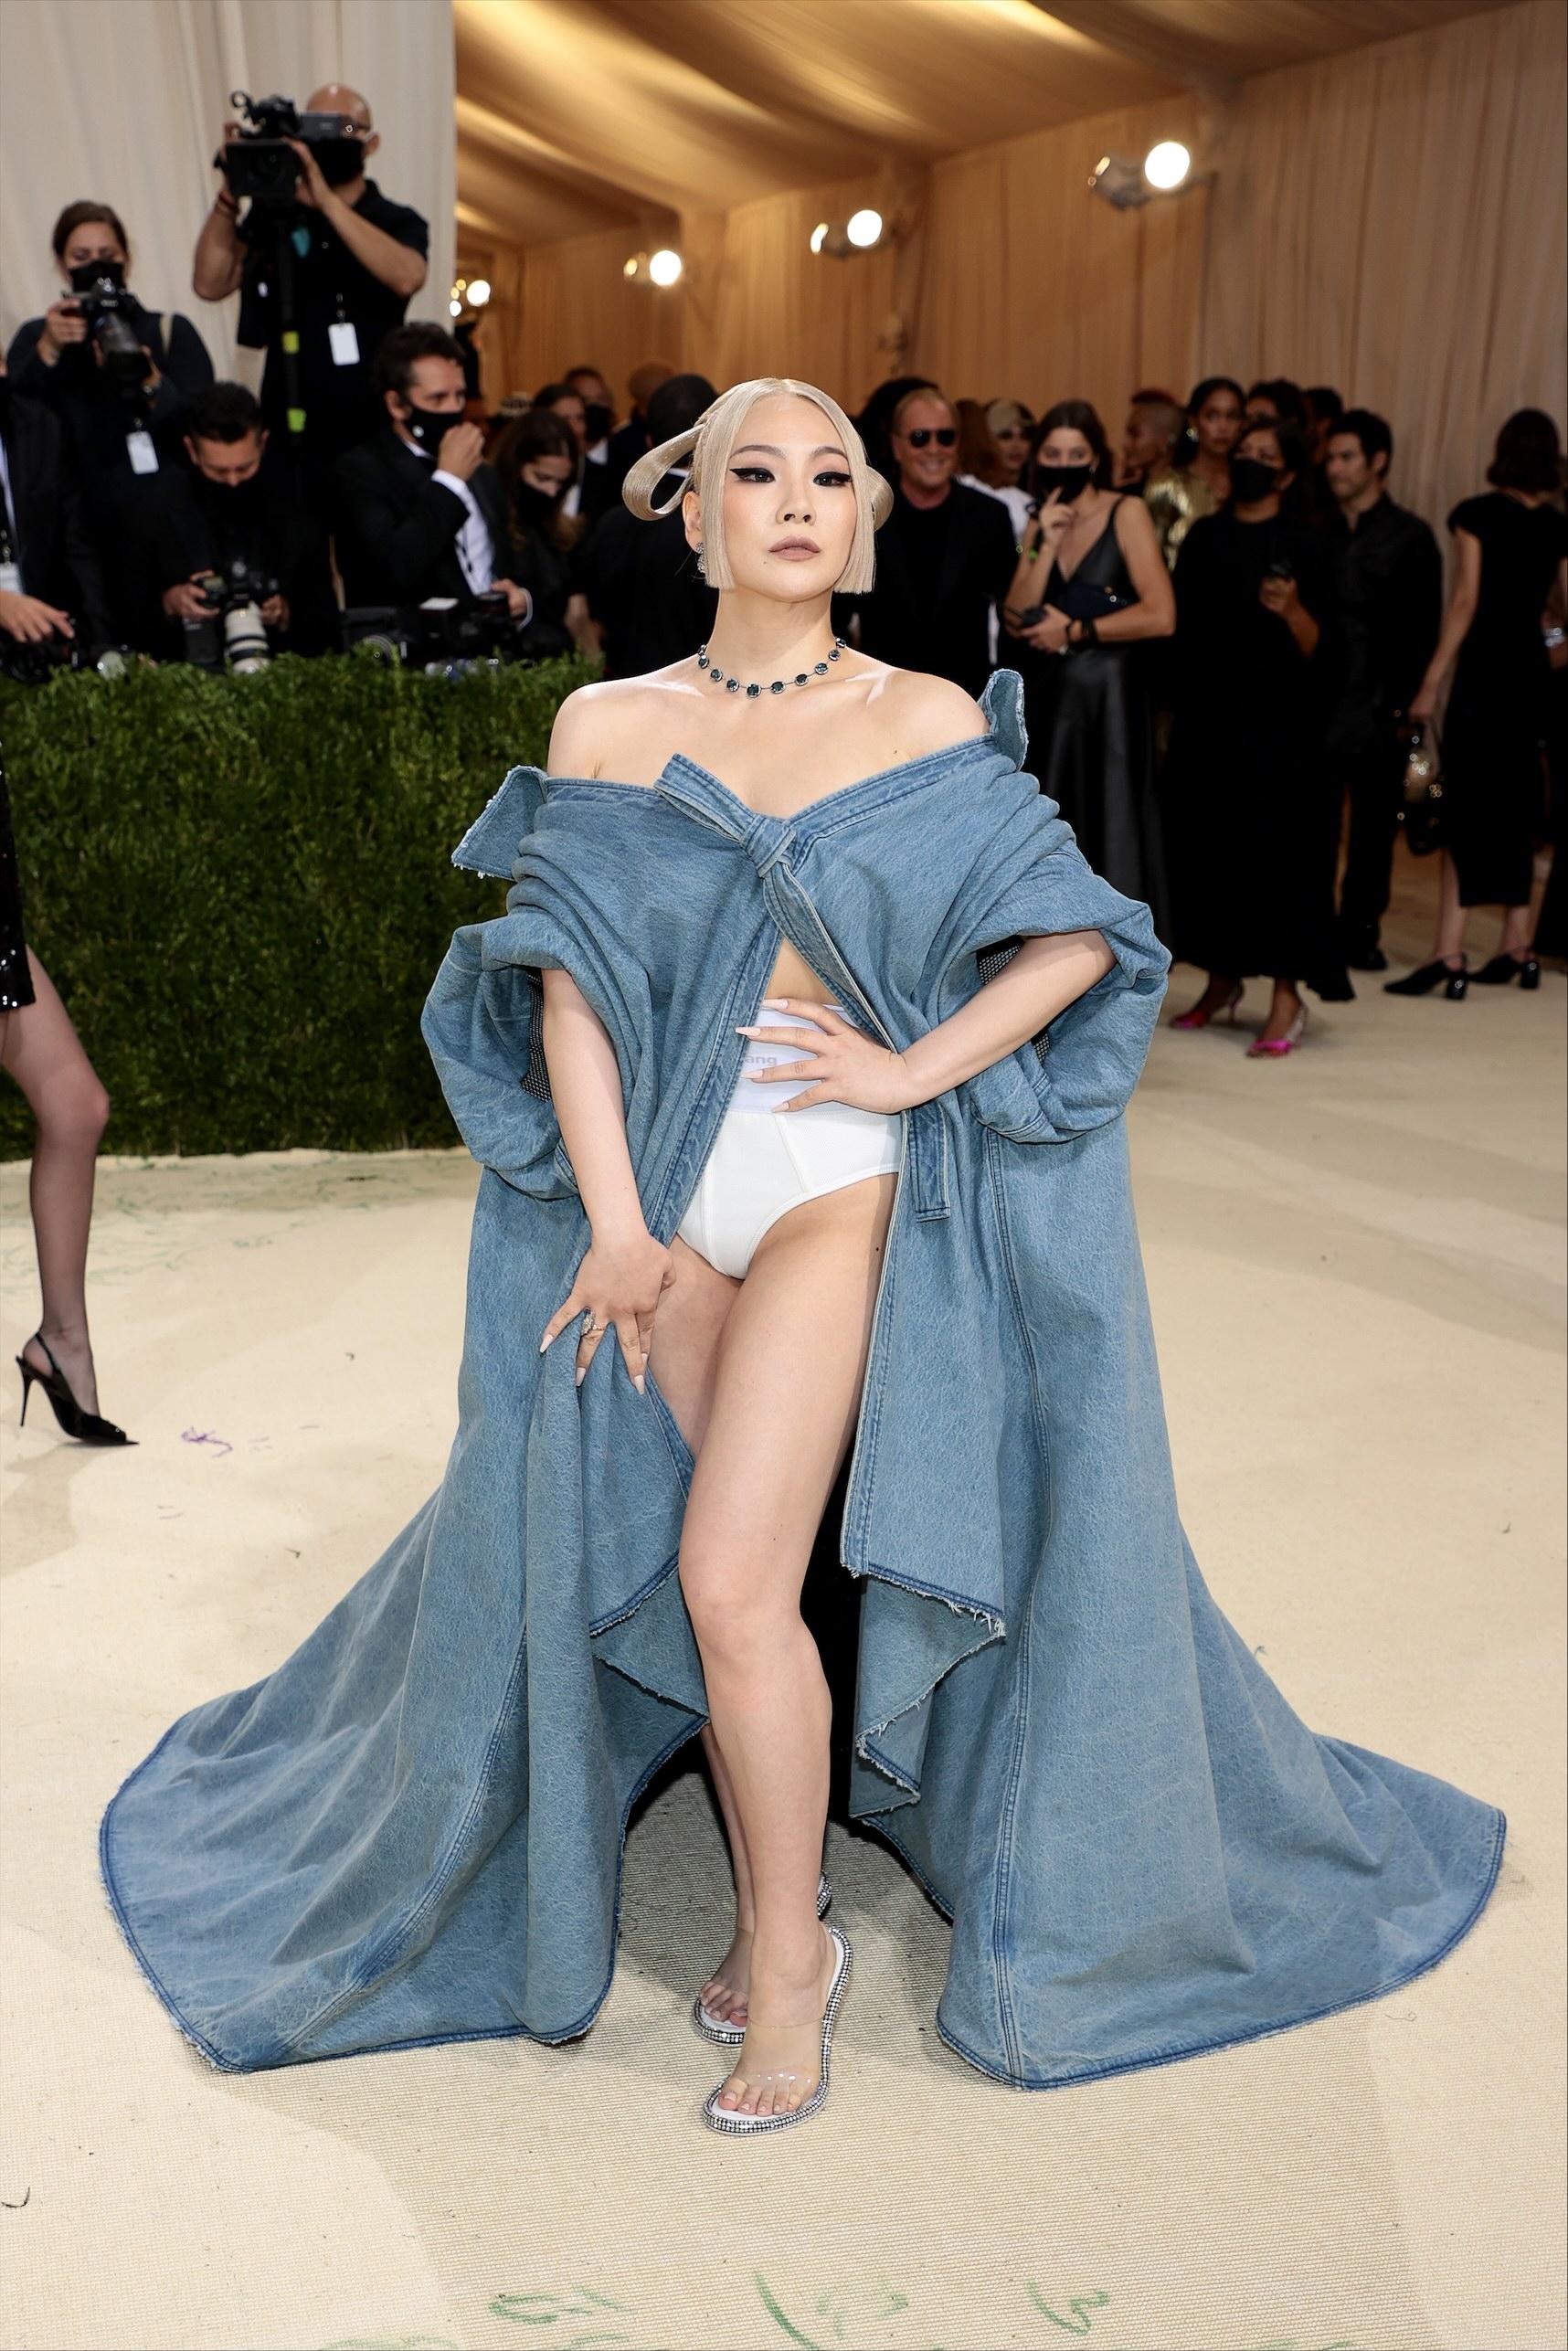 CL, 美 멧 갈라 참석…퓨전 한복 데님 드레스 눈길